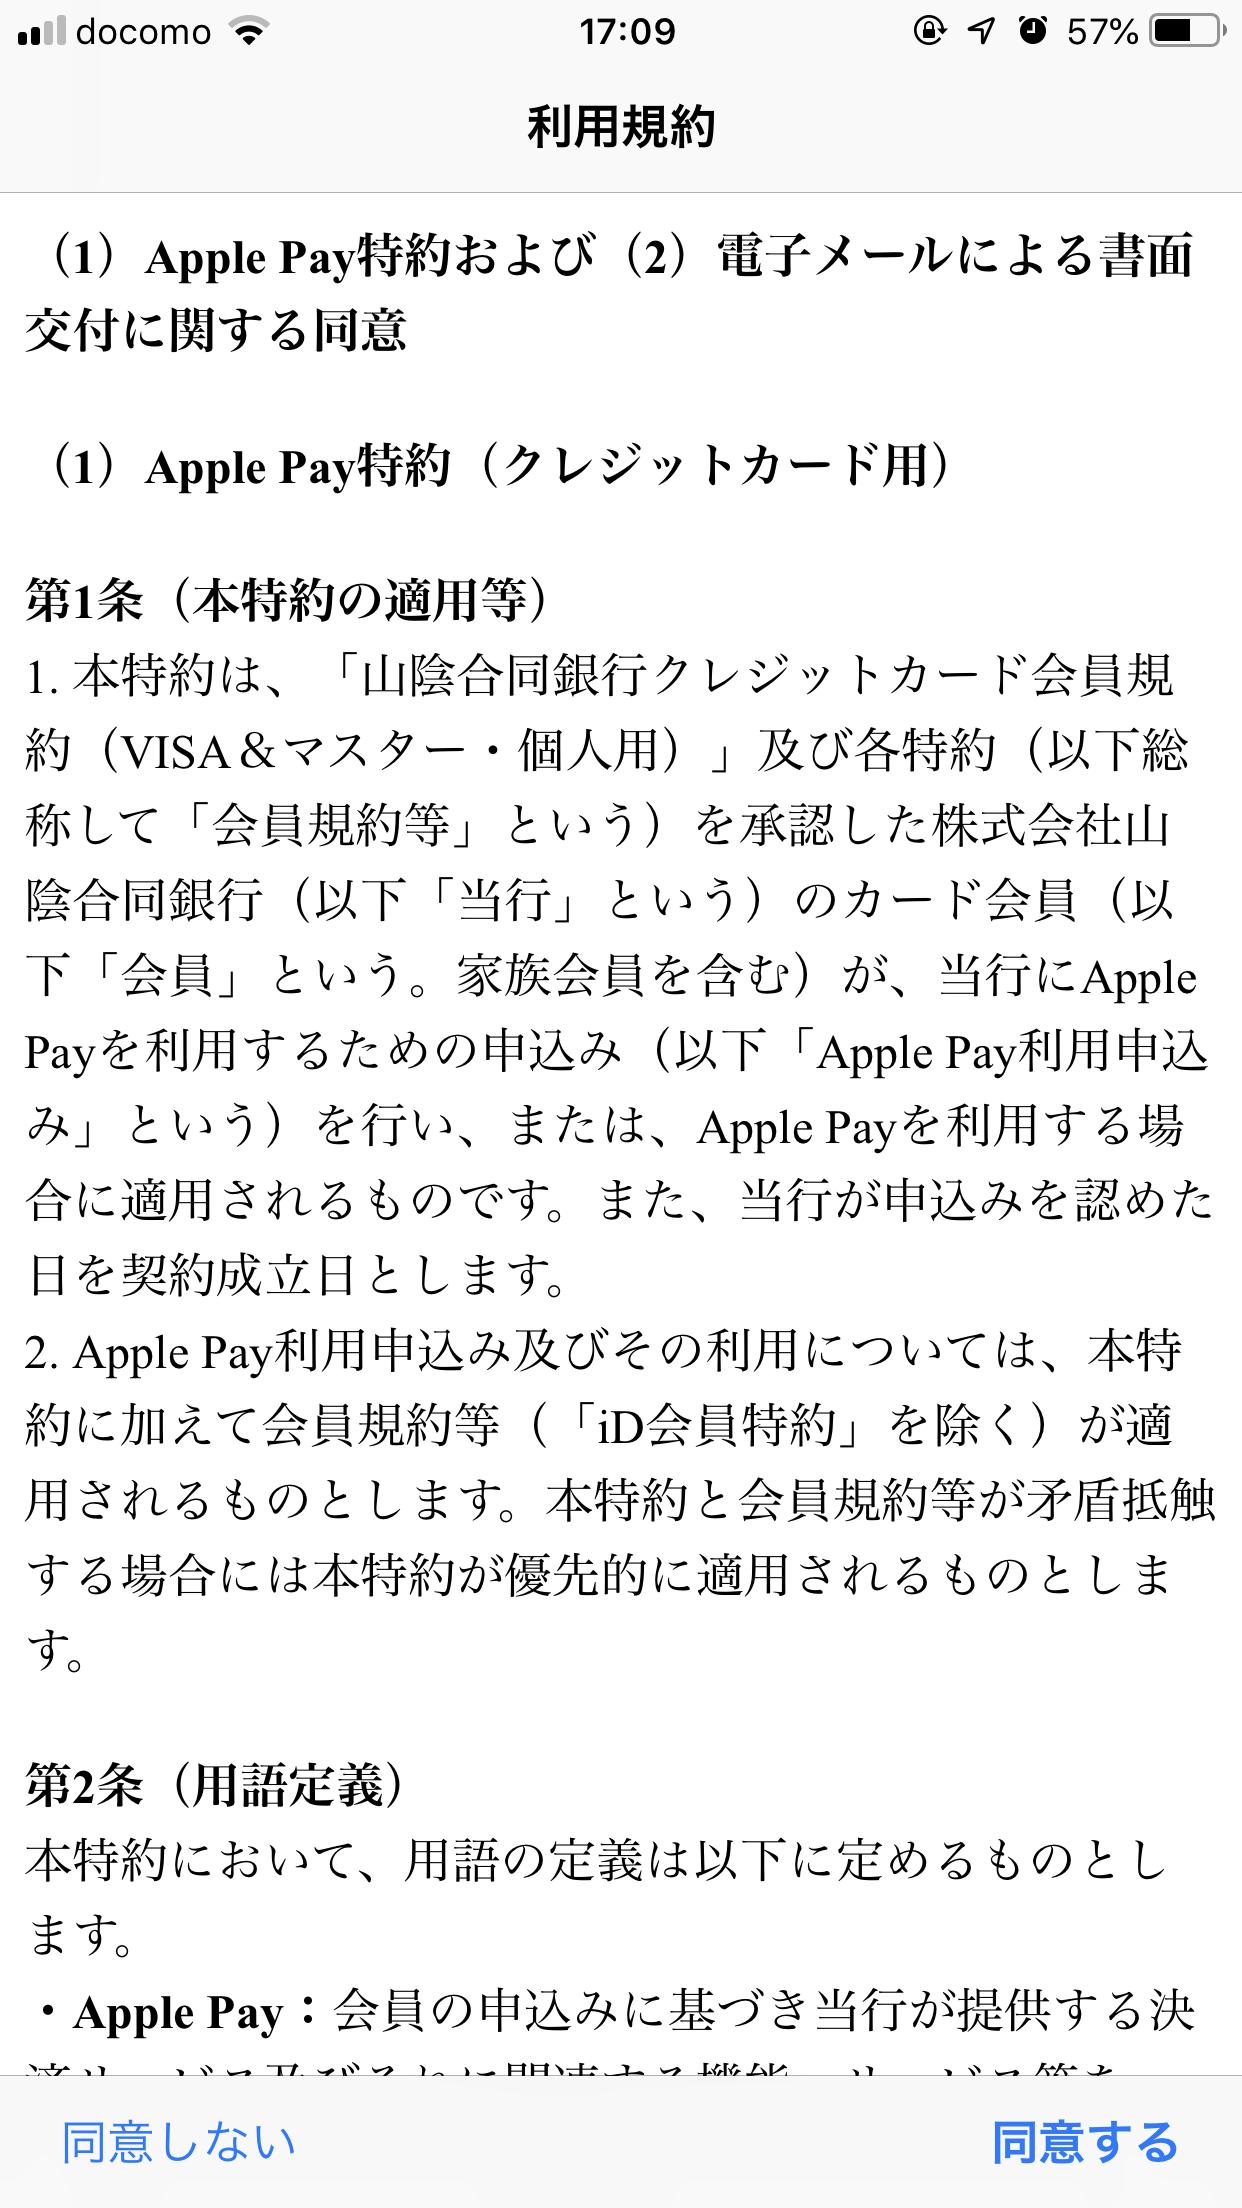 Apple Payの利用規約同意画面